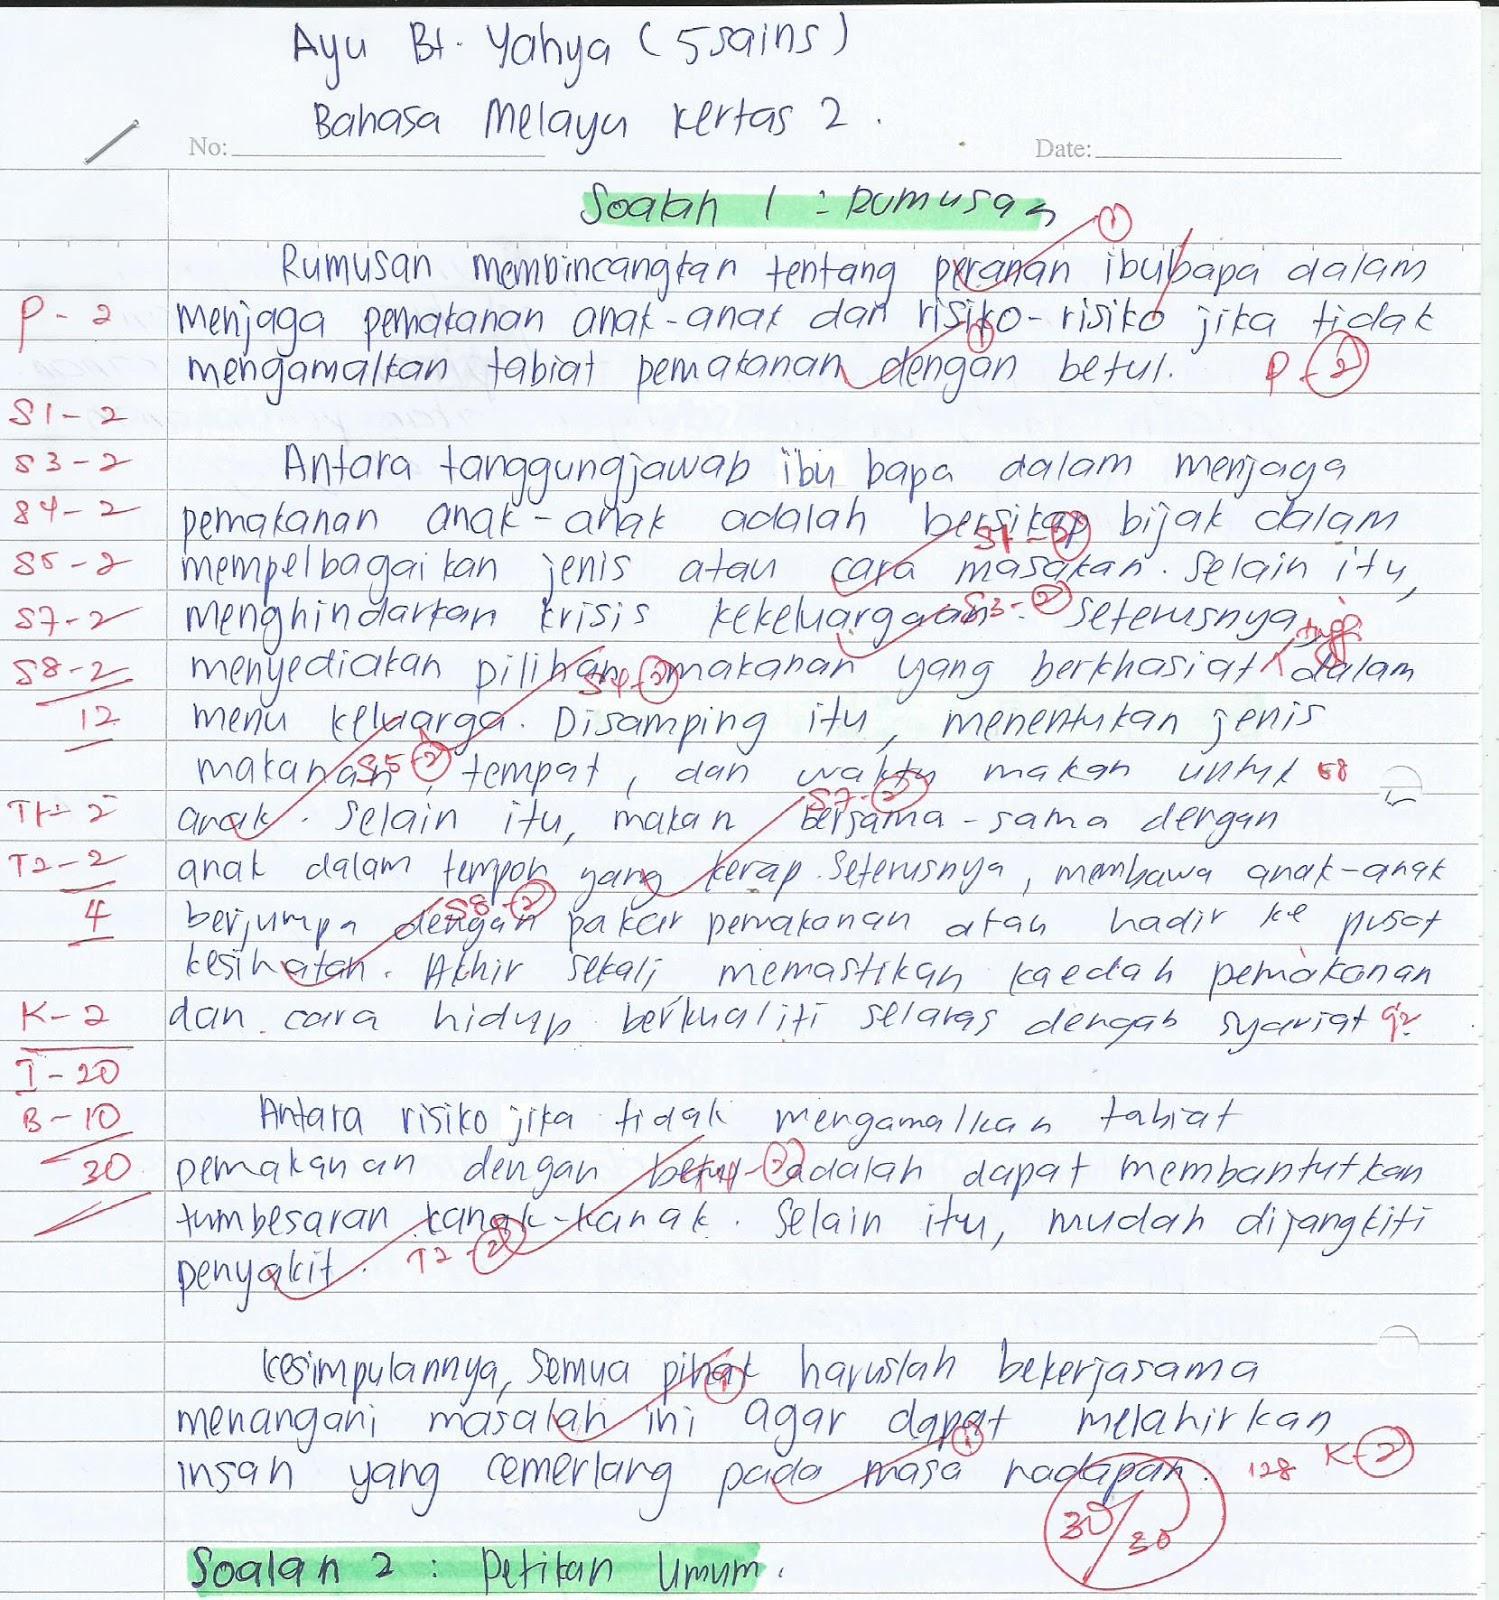 Laman Bahasa Melayu Spm Hasil Semakan Rumusan Pelajar 5 S Ppt